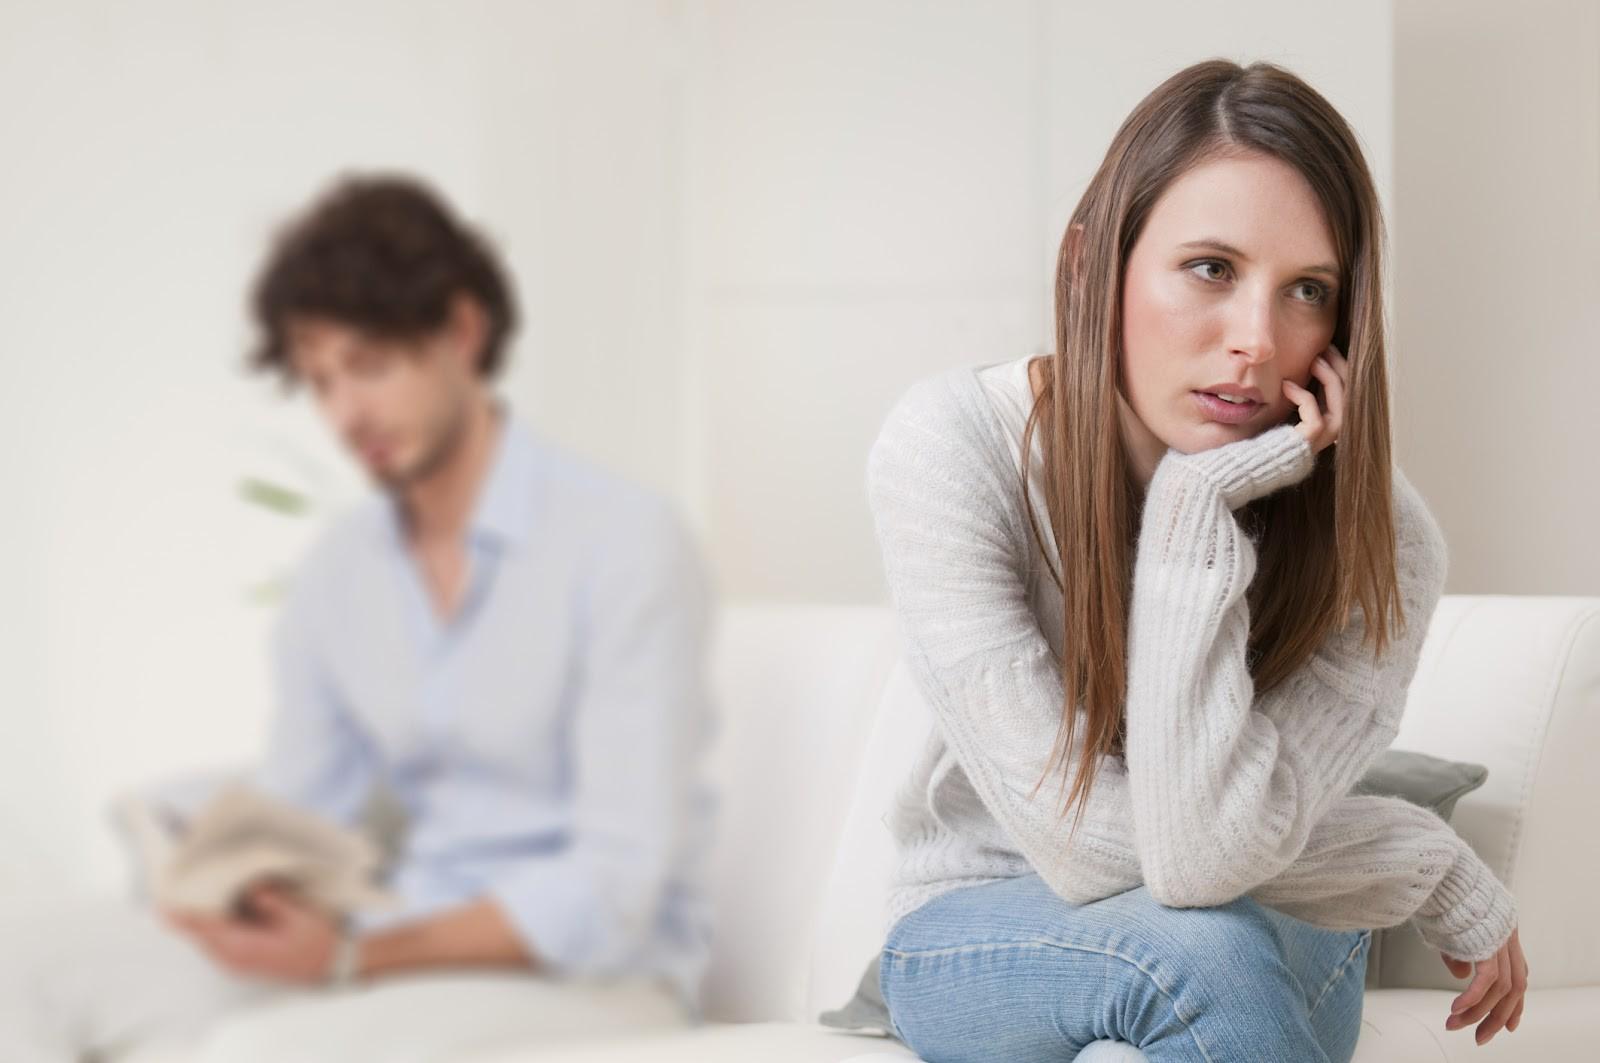 علائم زود انزالی و سایر مشکلات جنسی مردان چه چیزهایی هستند؟